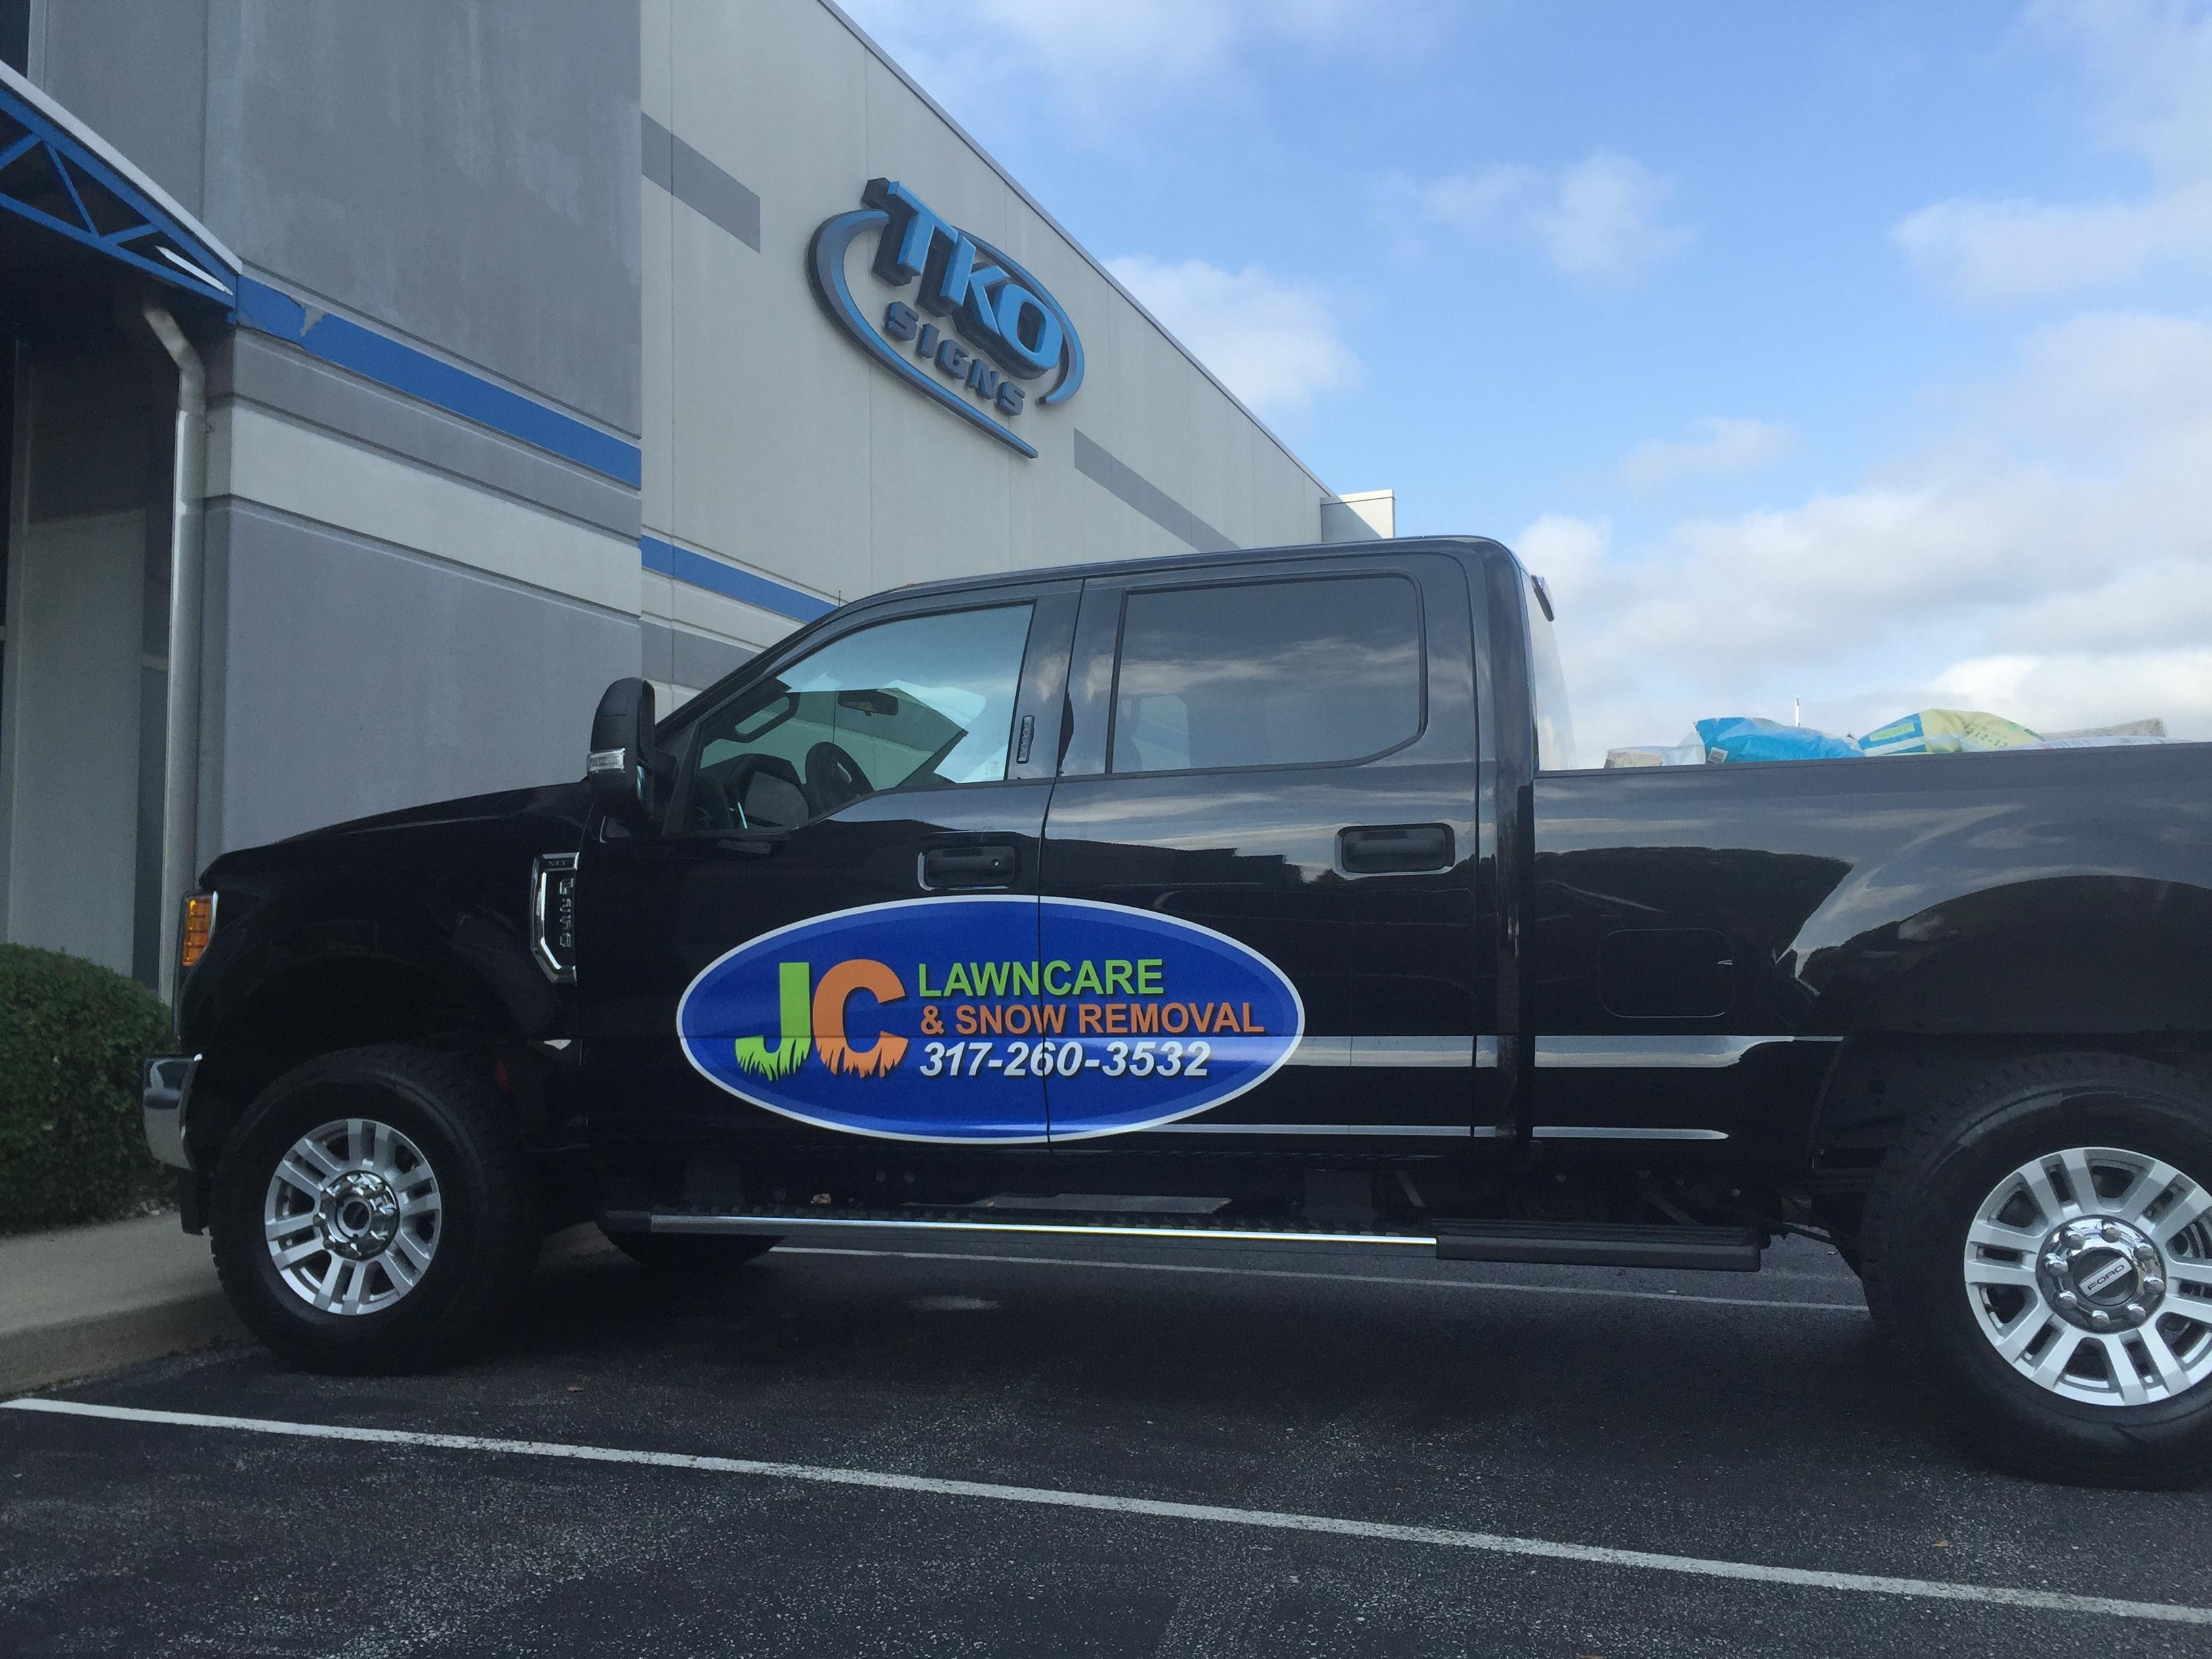 JC Lawncare Truck Graphics